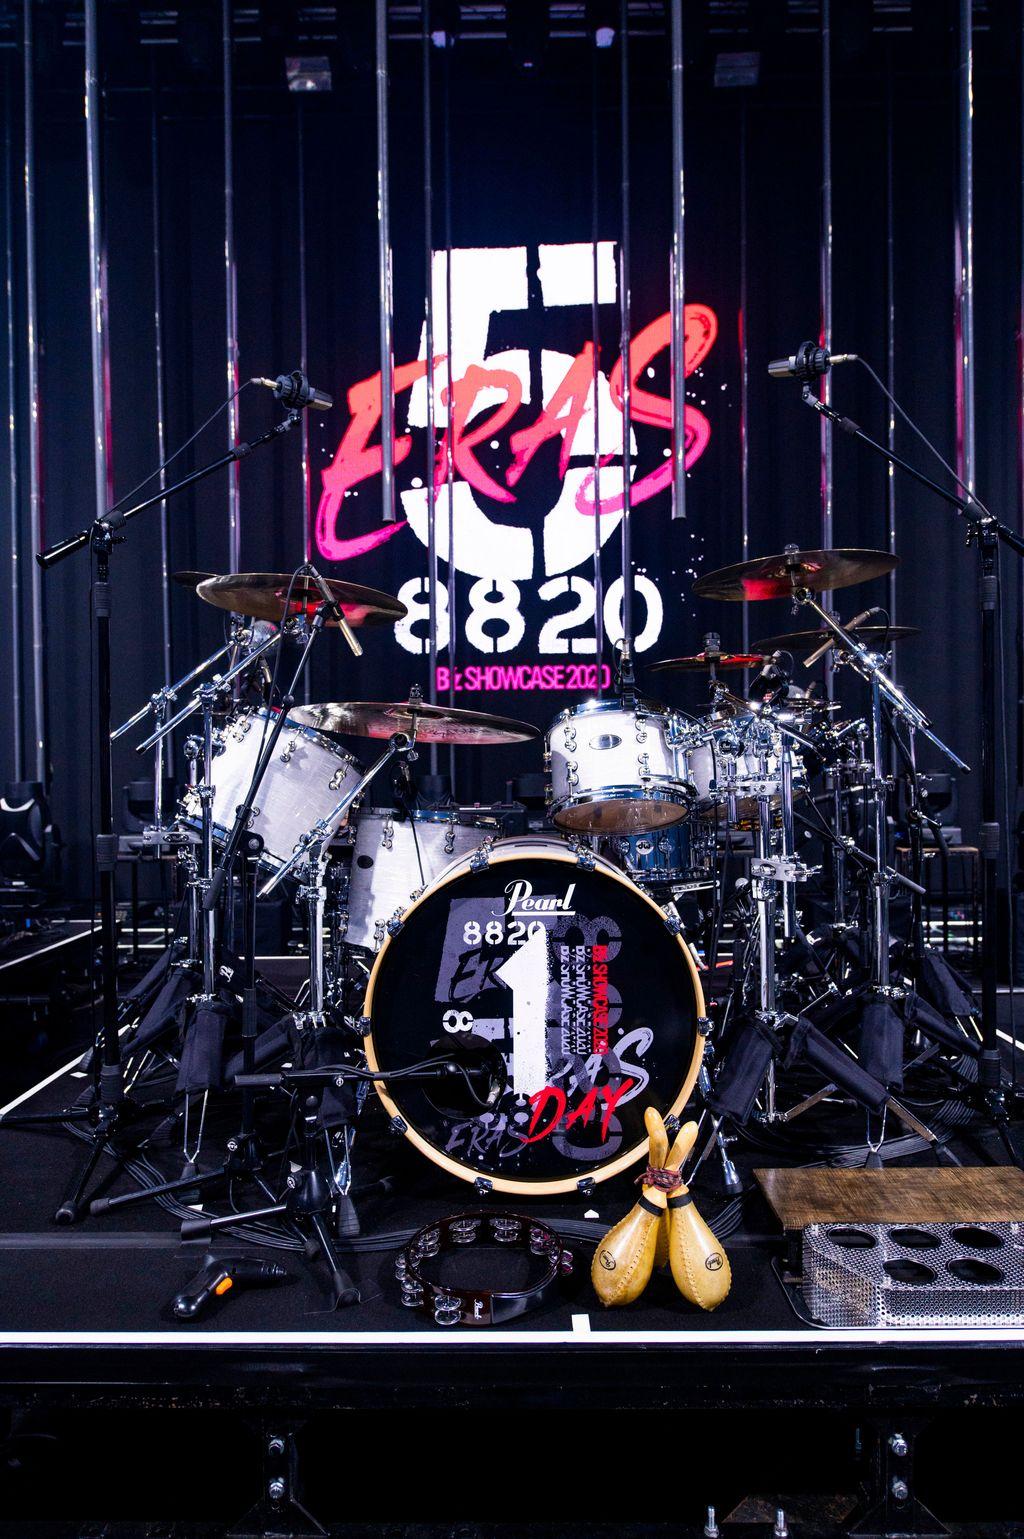 B'z配信ライブ『B'z SHOWCASE 2020 -5 ERAS 8820- Day1~5』のドラムセットの写真